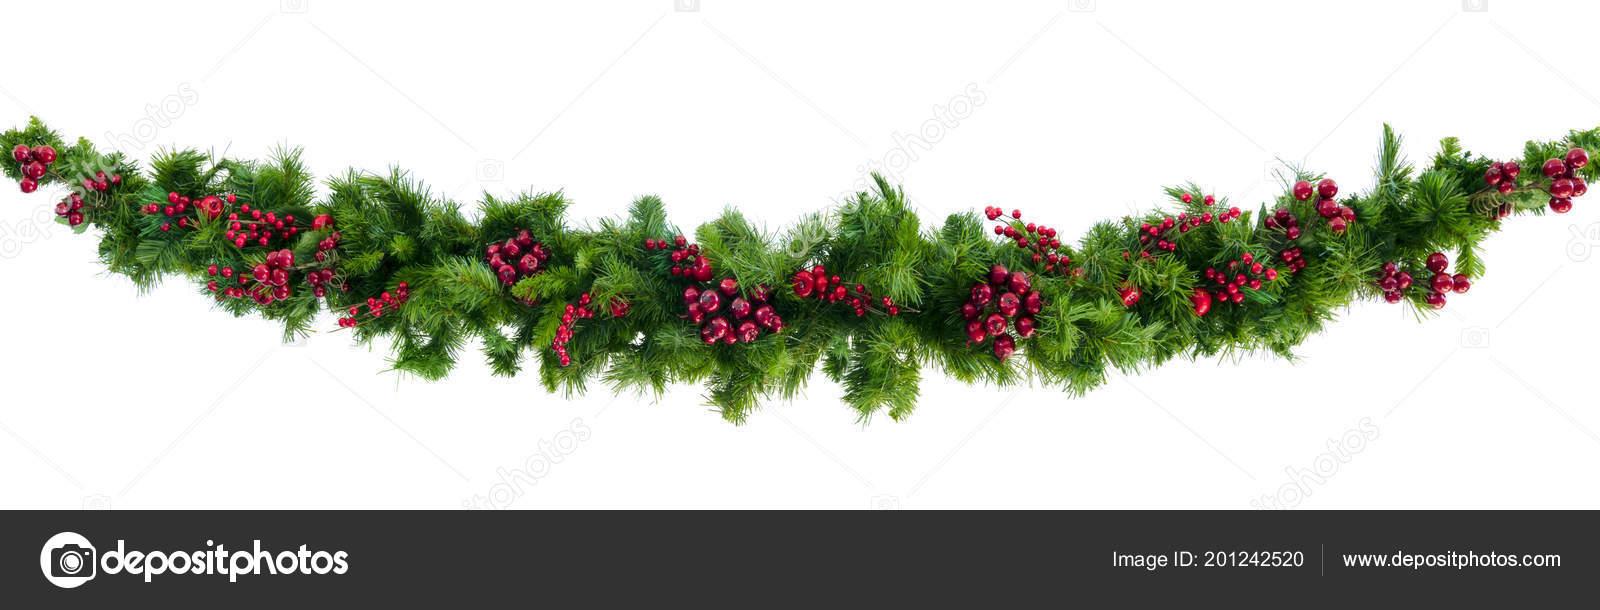 Guirnalda Navidad Con Frutos Rojos Aislado Blanco Foto De Stock - Guirnalda-navidad